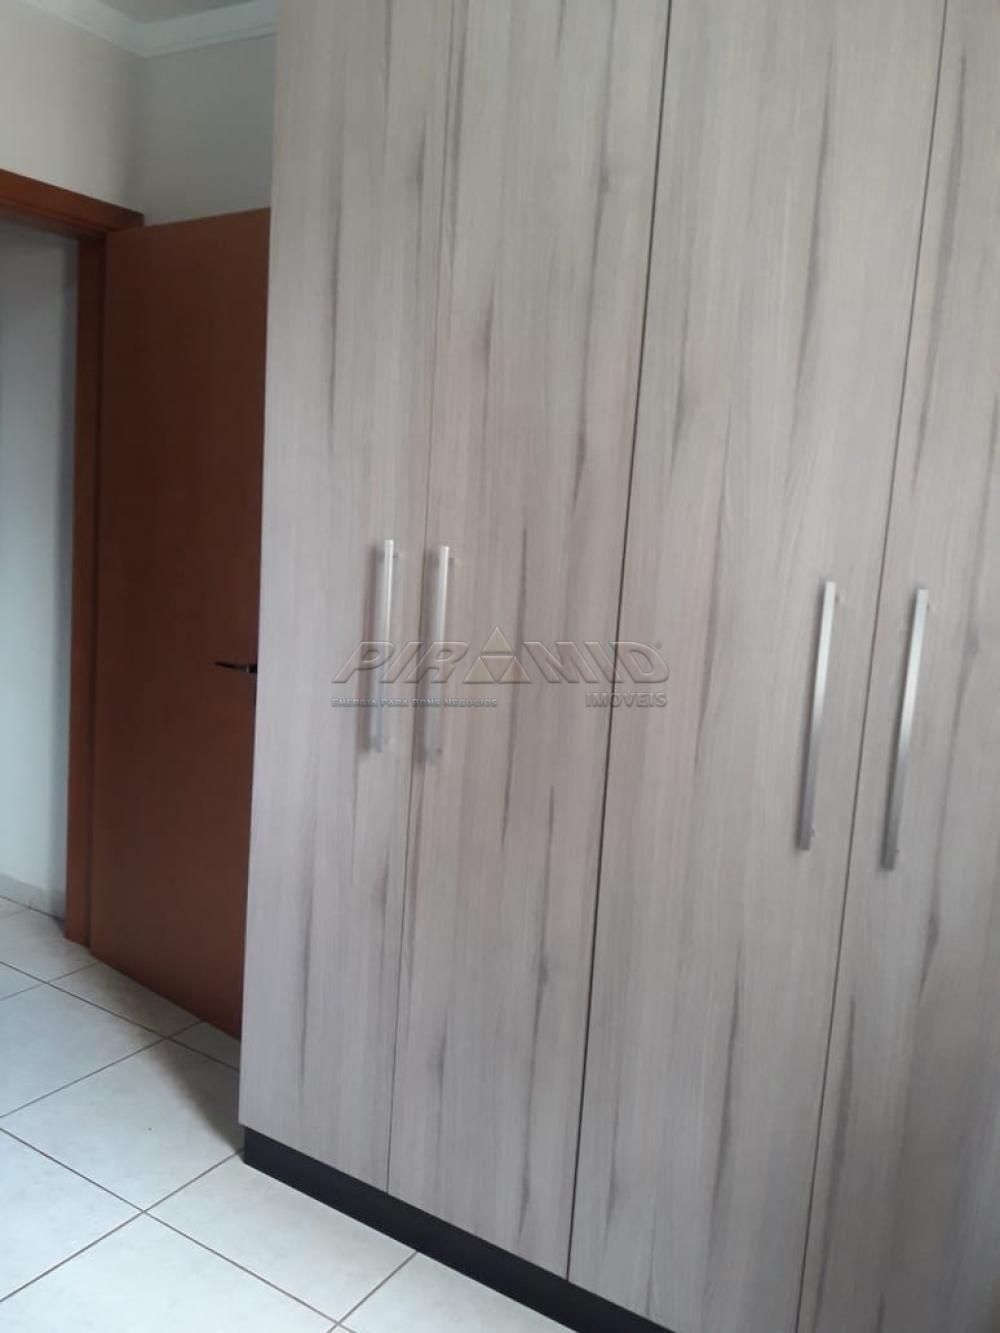 Comprar Apartamento / Padrão em Ribeirão Preto apenas R$ 360.000,00 - Foto 25